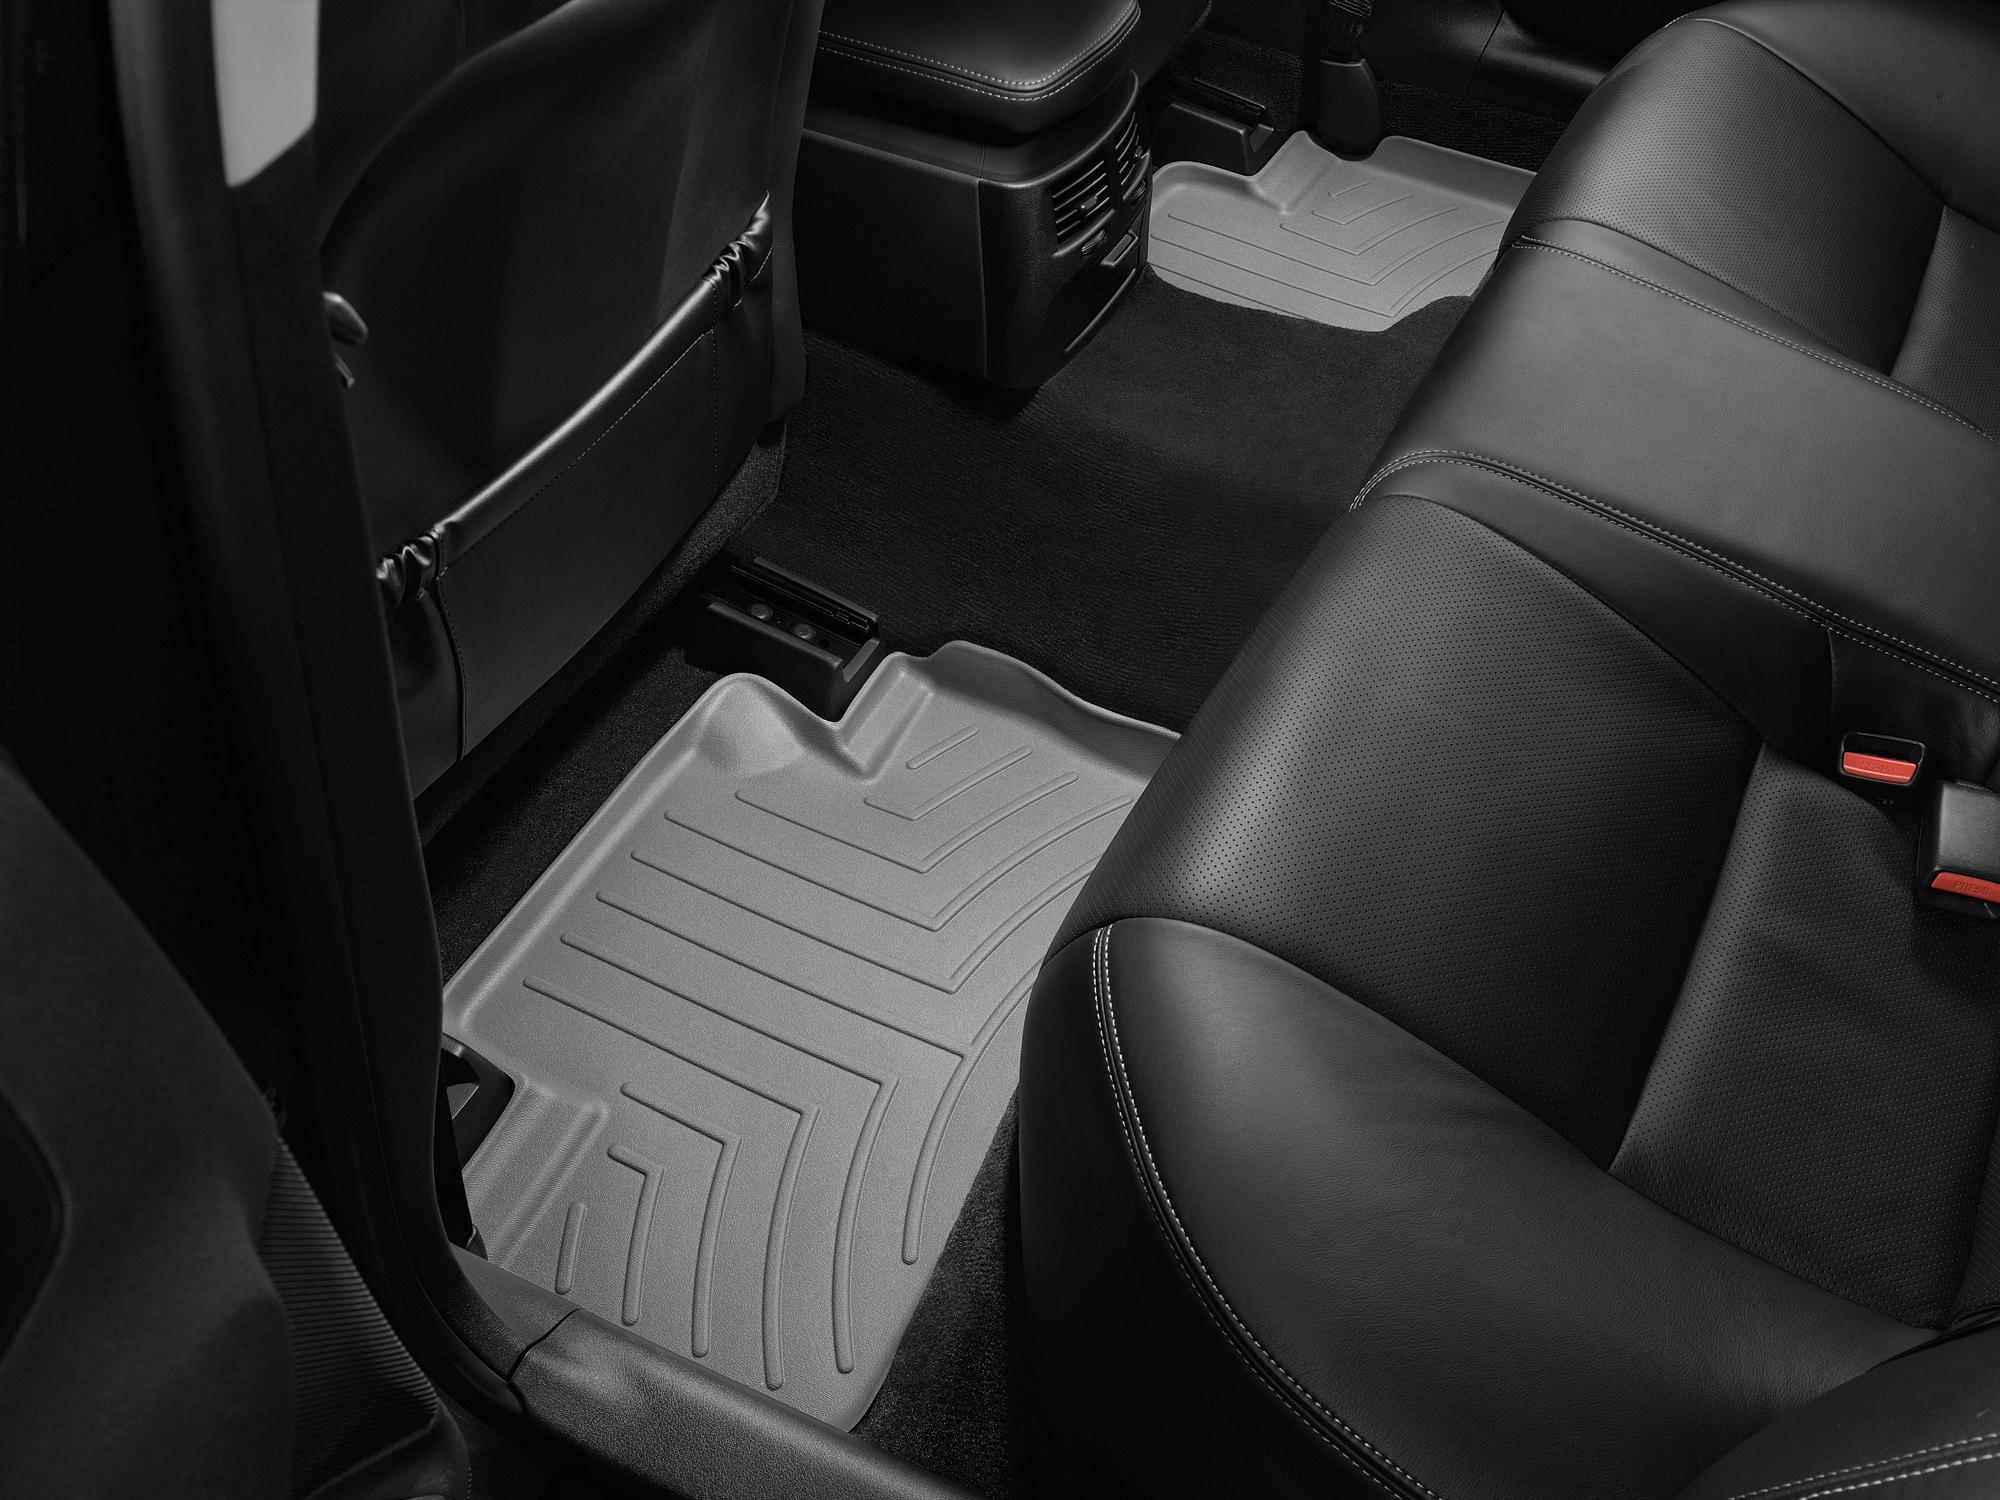 Tappeti gomma su misura bordo alto Lexus IS 05>10 Grigio A2039